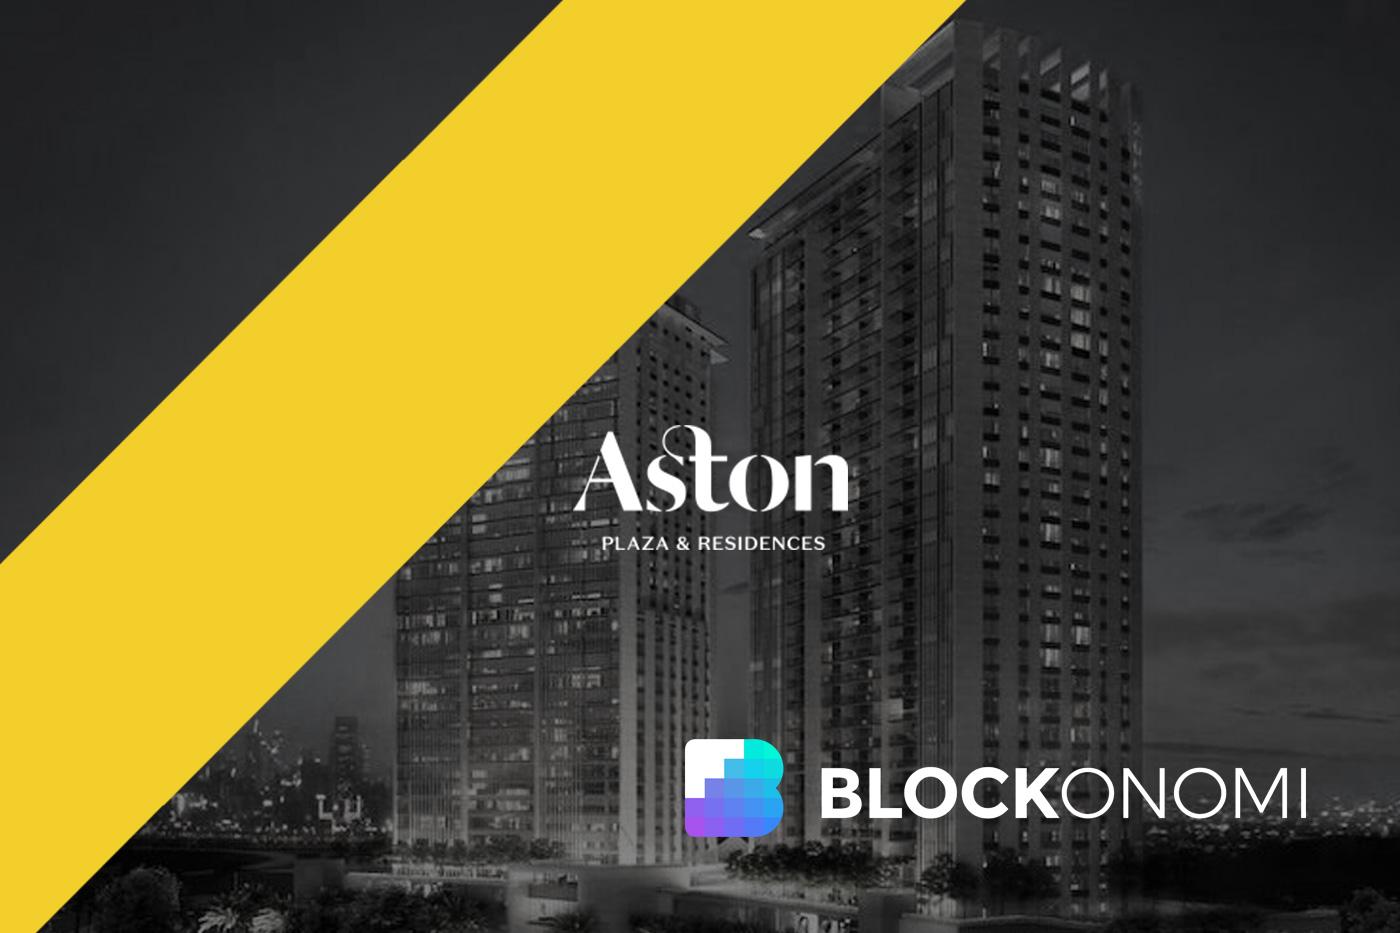 Aston Plaza